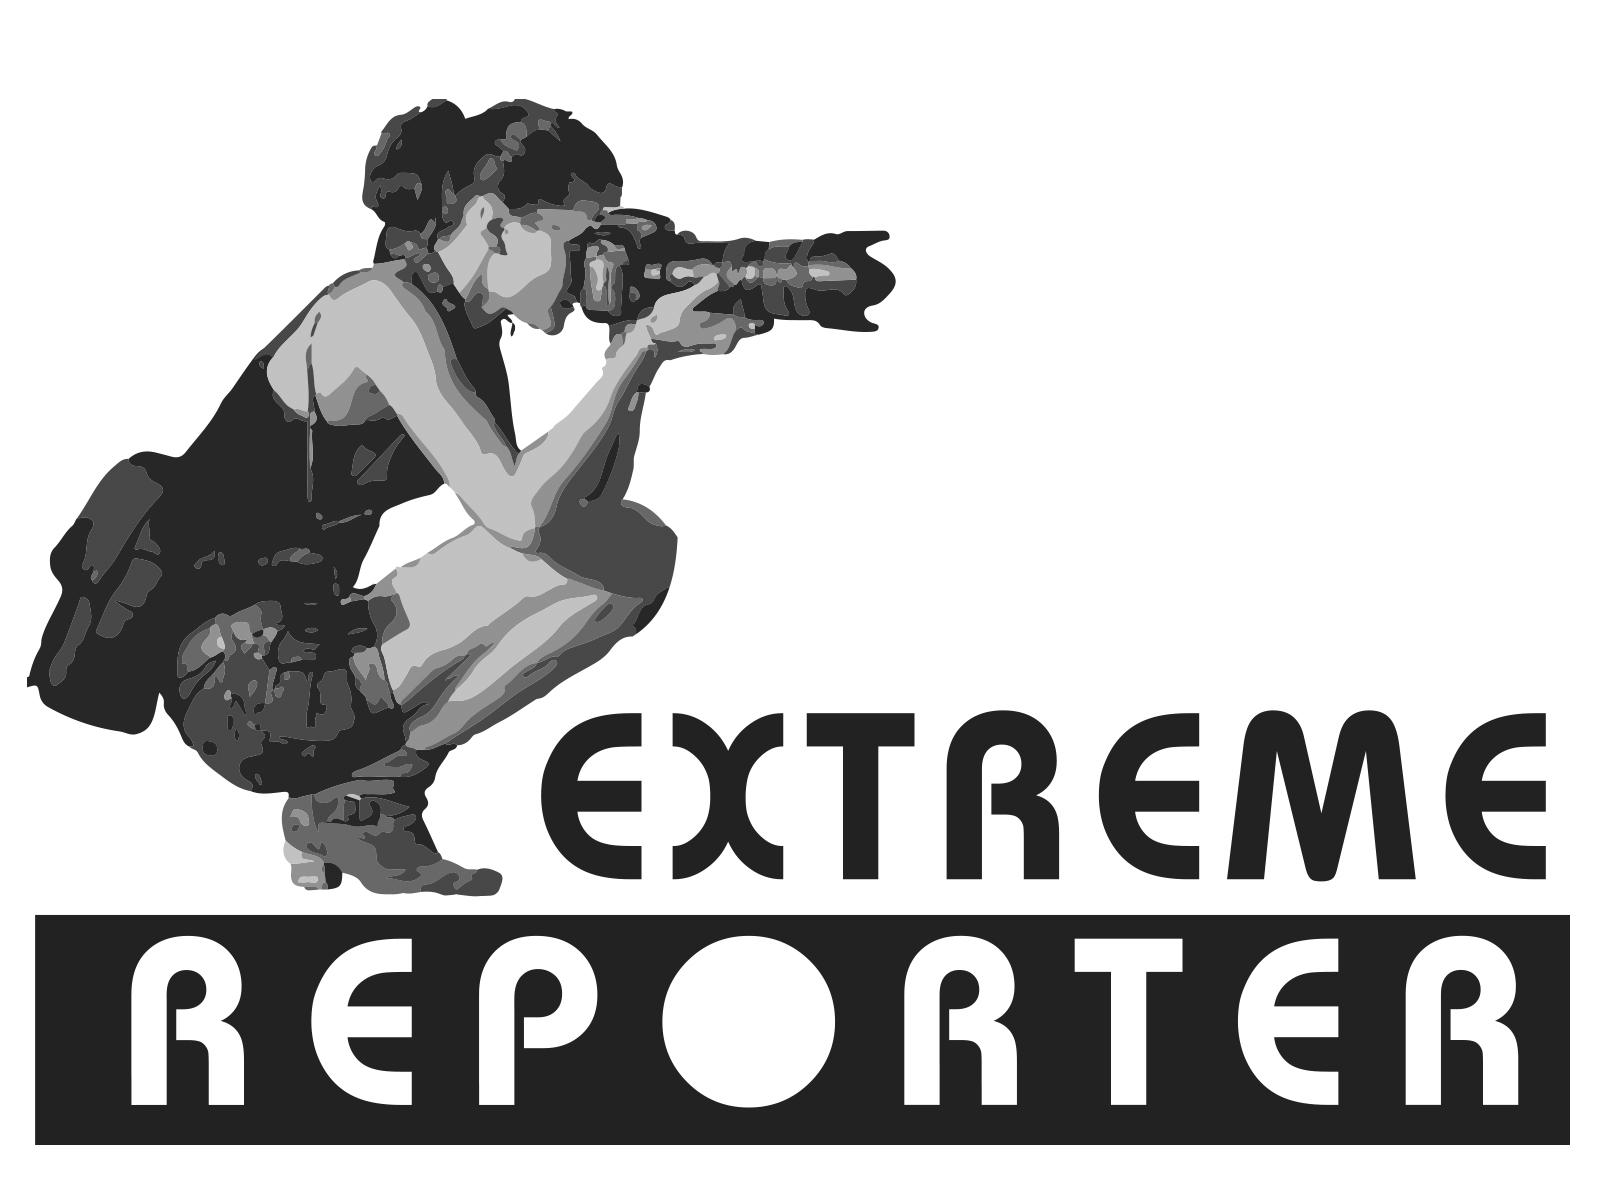 Логотип для экстрим фотографа.  фото f_4225a53f0ef5652a.jpg